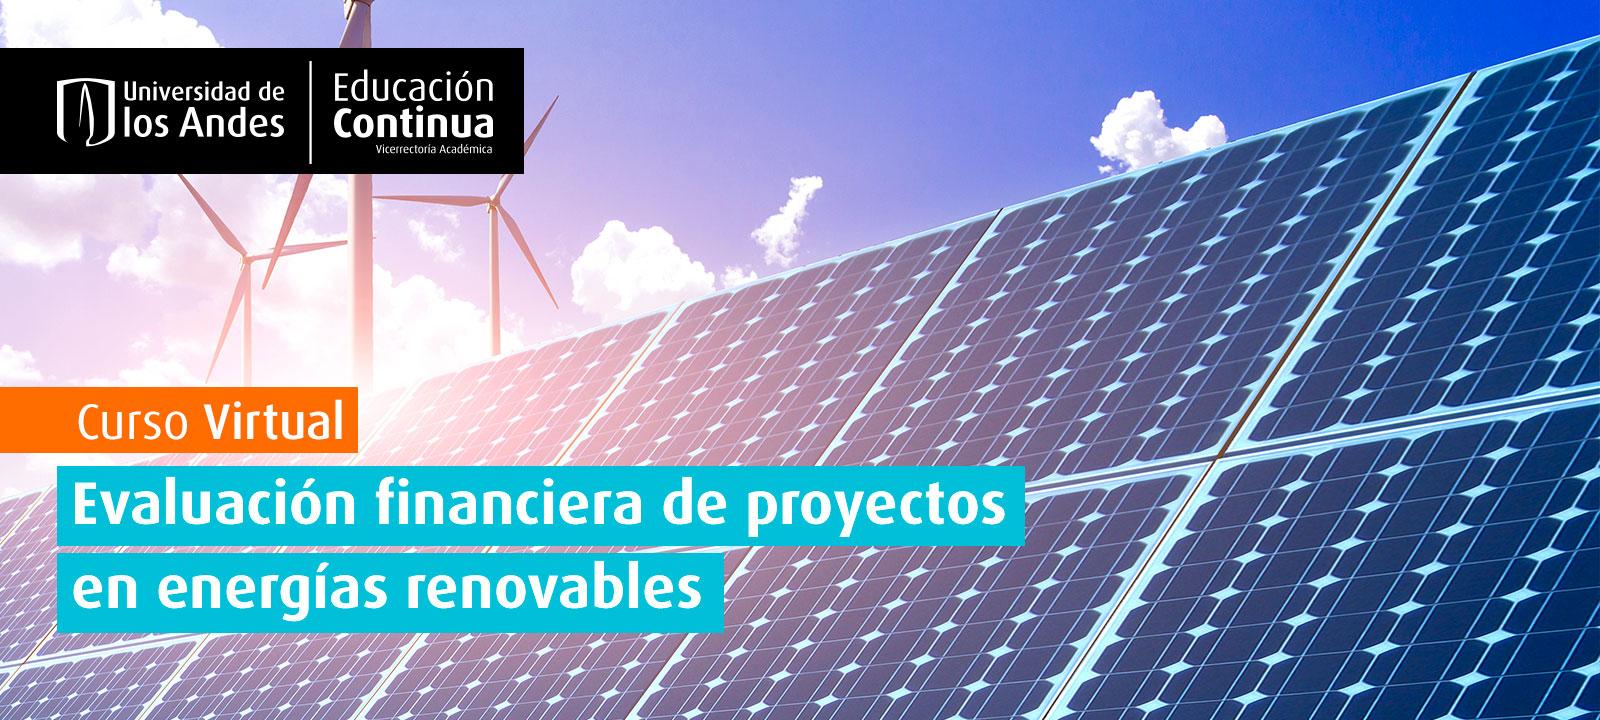 Curso EDCO: Evaluación financiera de proyectos en energía renovables